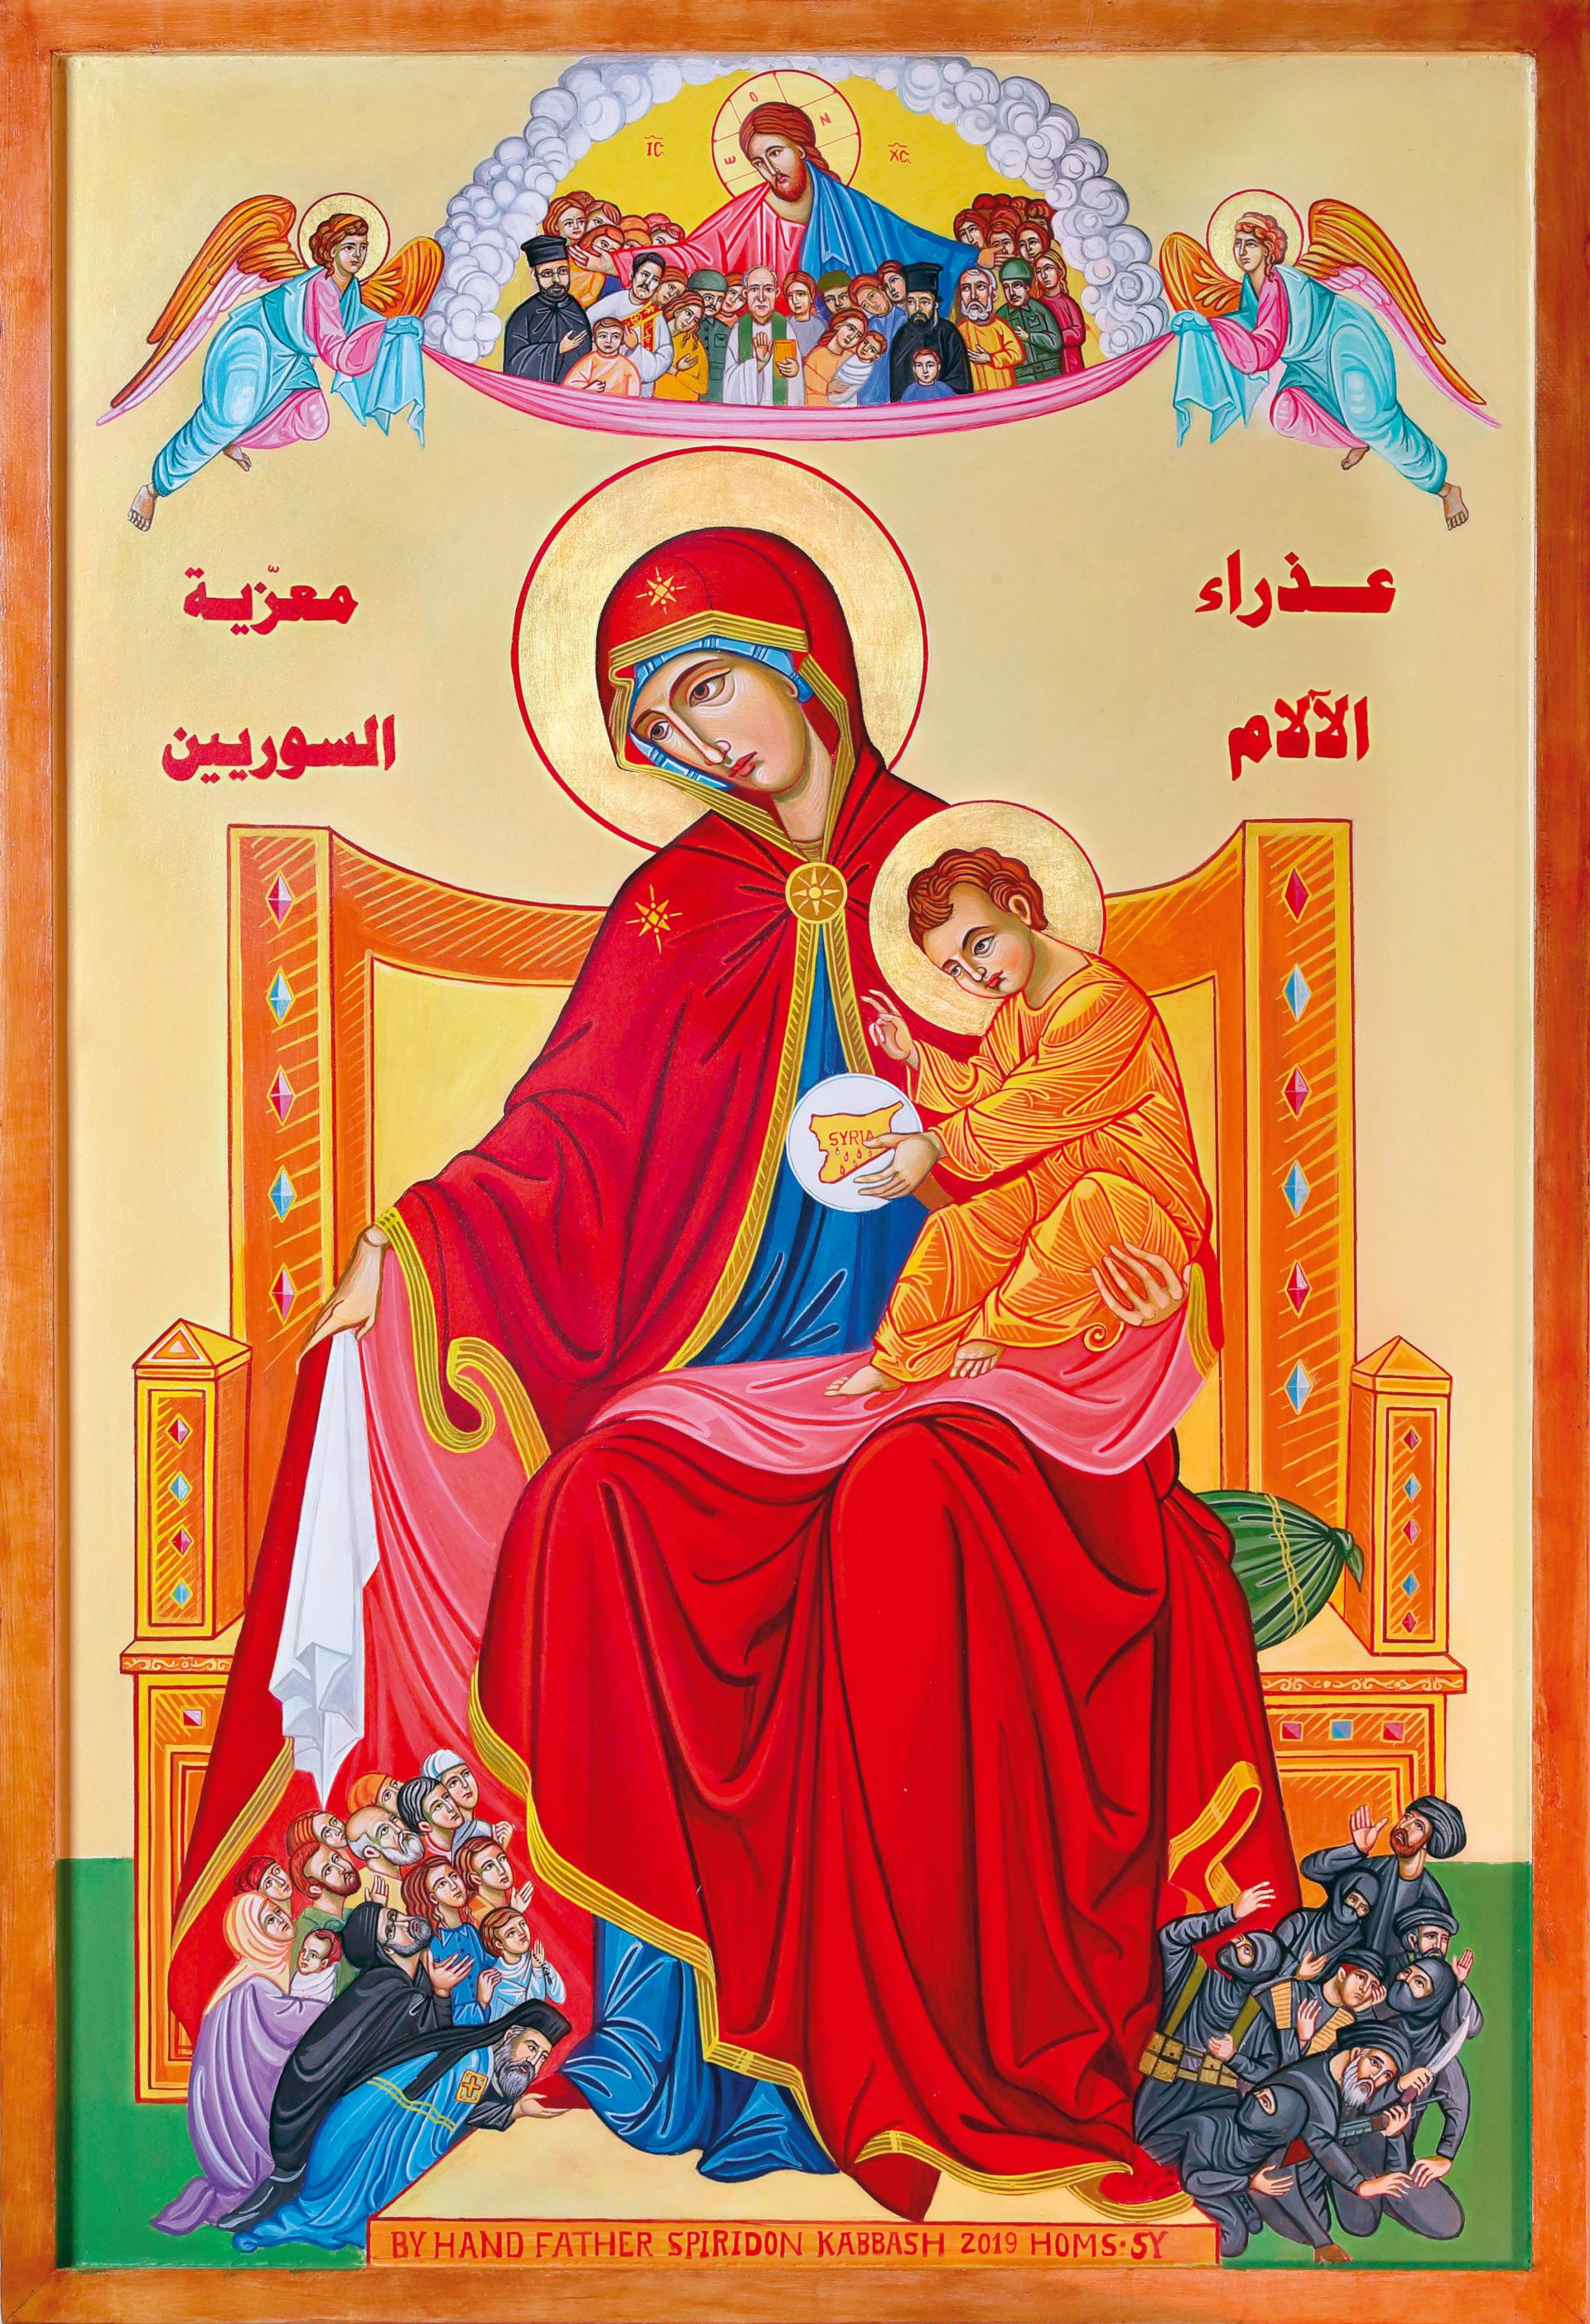 Die von einem griechisch-orthodoxen Priester aus Homs geschaffene Ikone